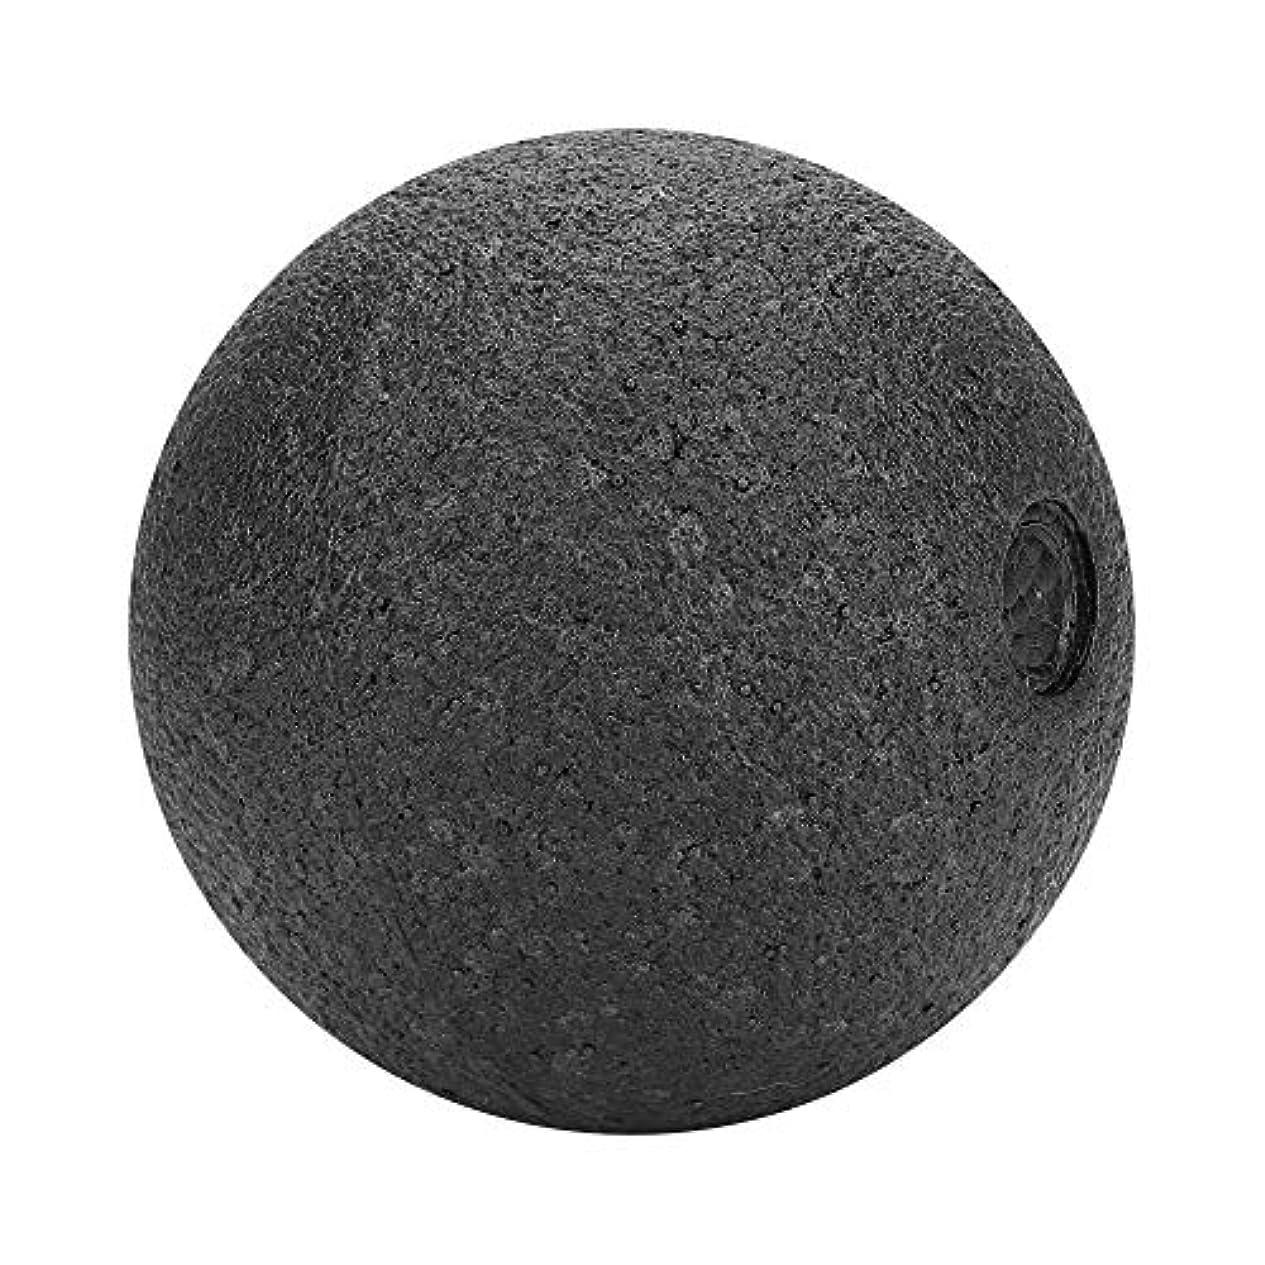 半球焦がすバッフルマッサージボール ストレッチボール トリガーポイント マッサージボール 指圧ボールマッスルマッサージボール、首 腰 背中 肩こり 足裏 ツボ押しグッズ 疲労回復 むくみ解消